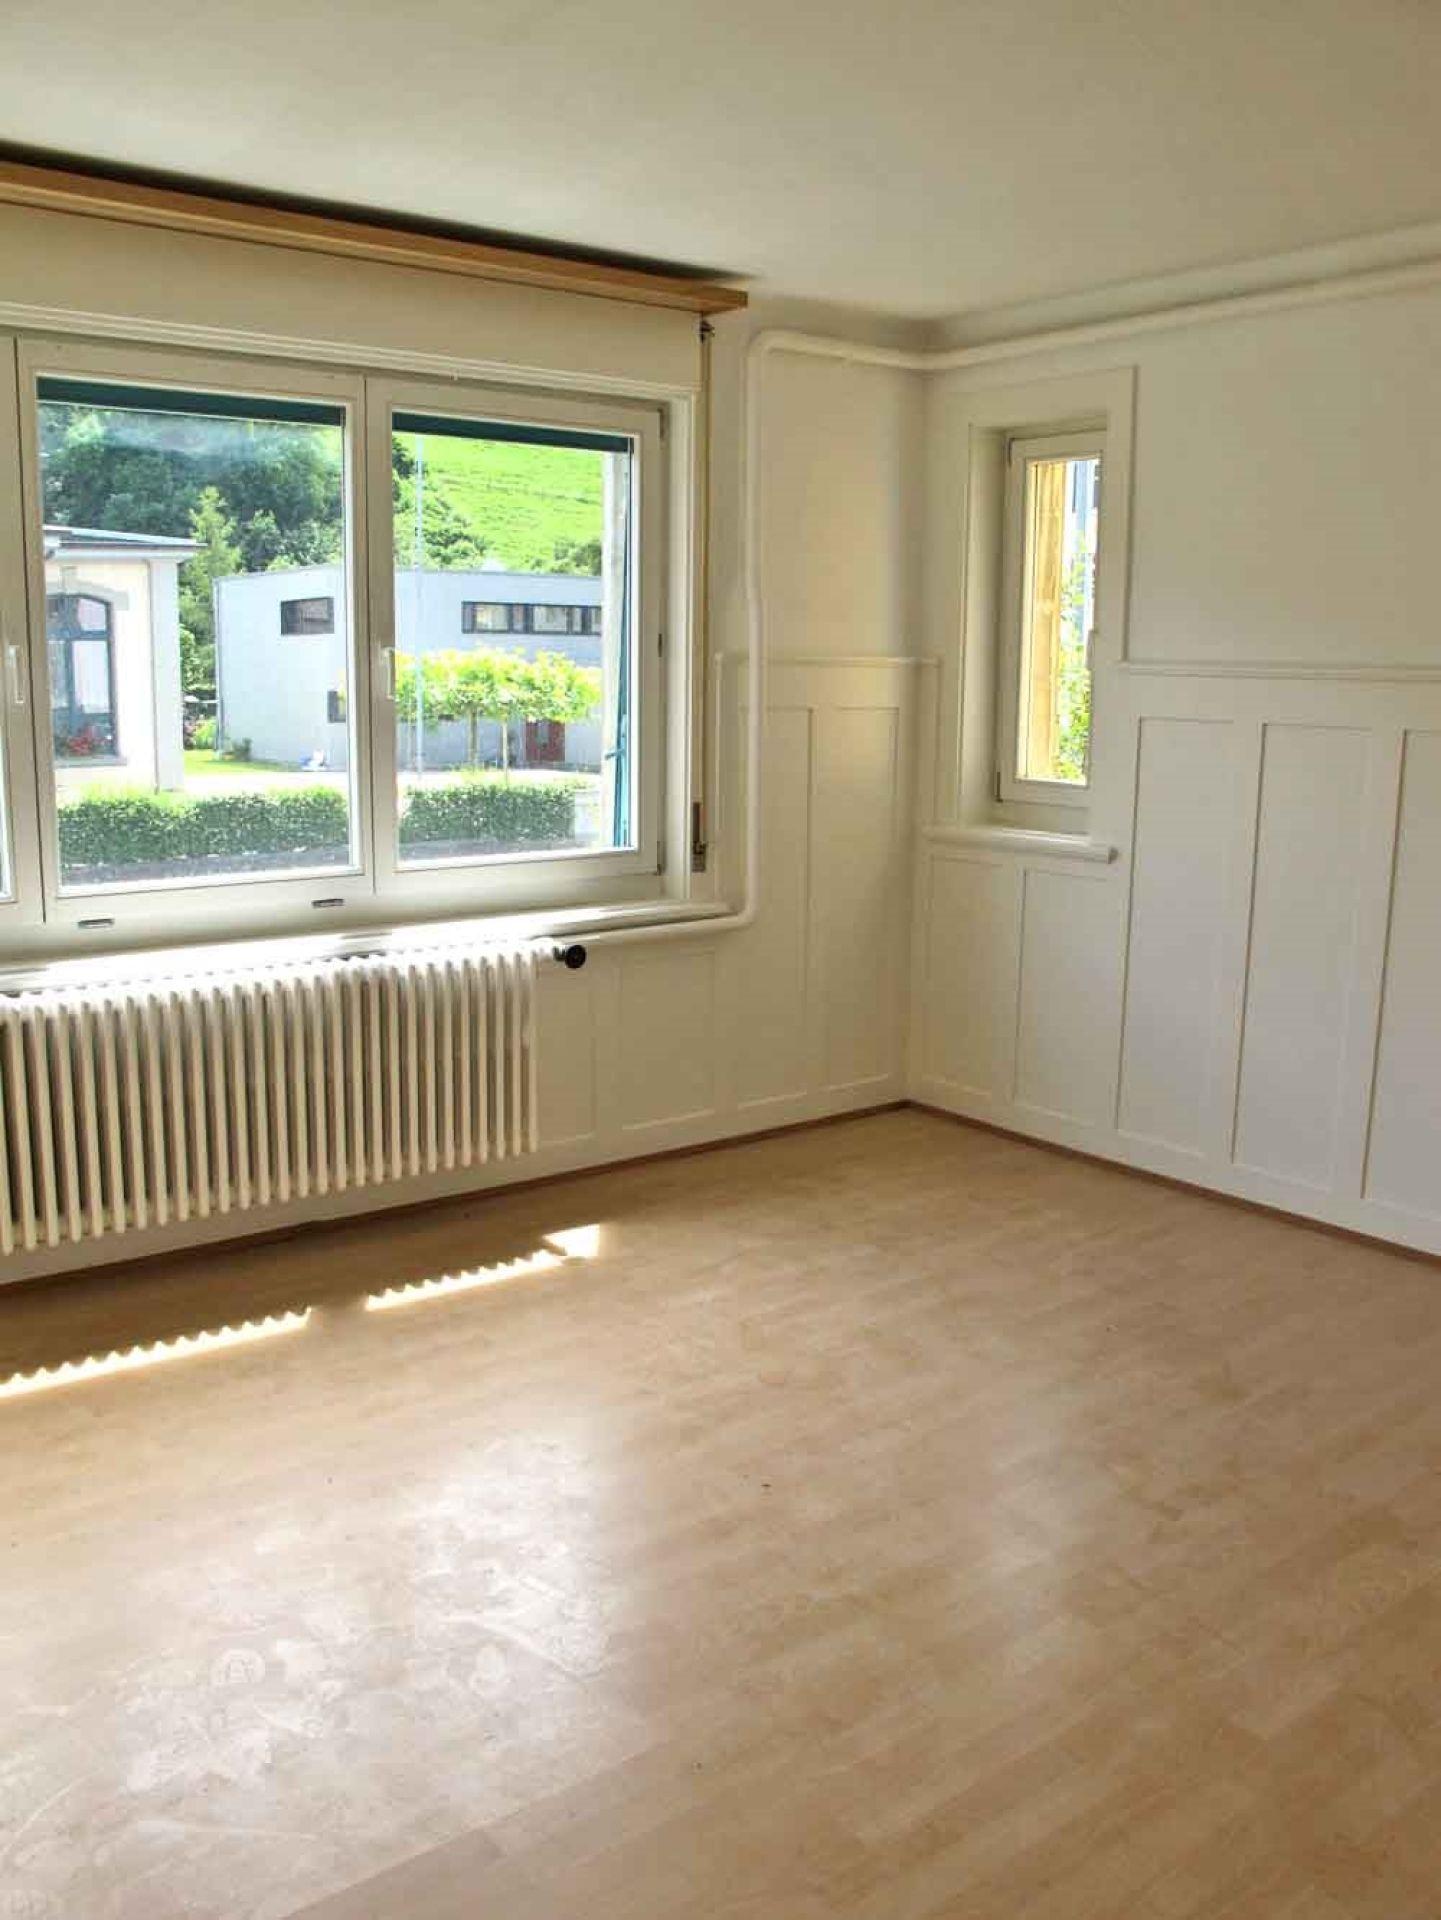 Grosszügige Wohnung an zentraler, ruhiger Lage